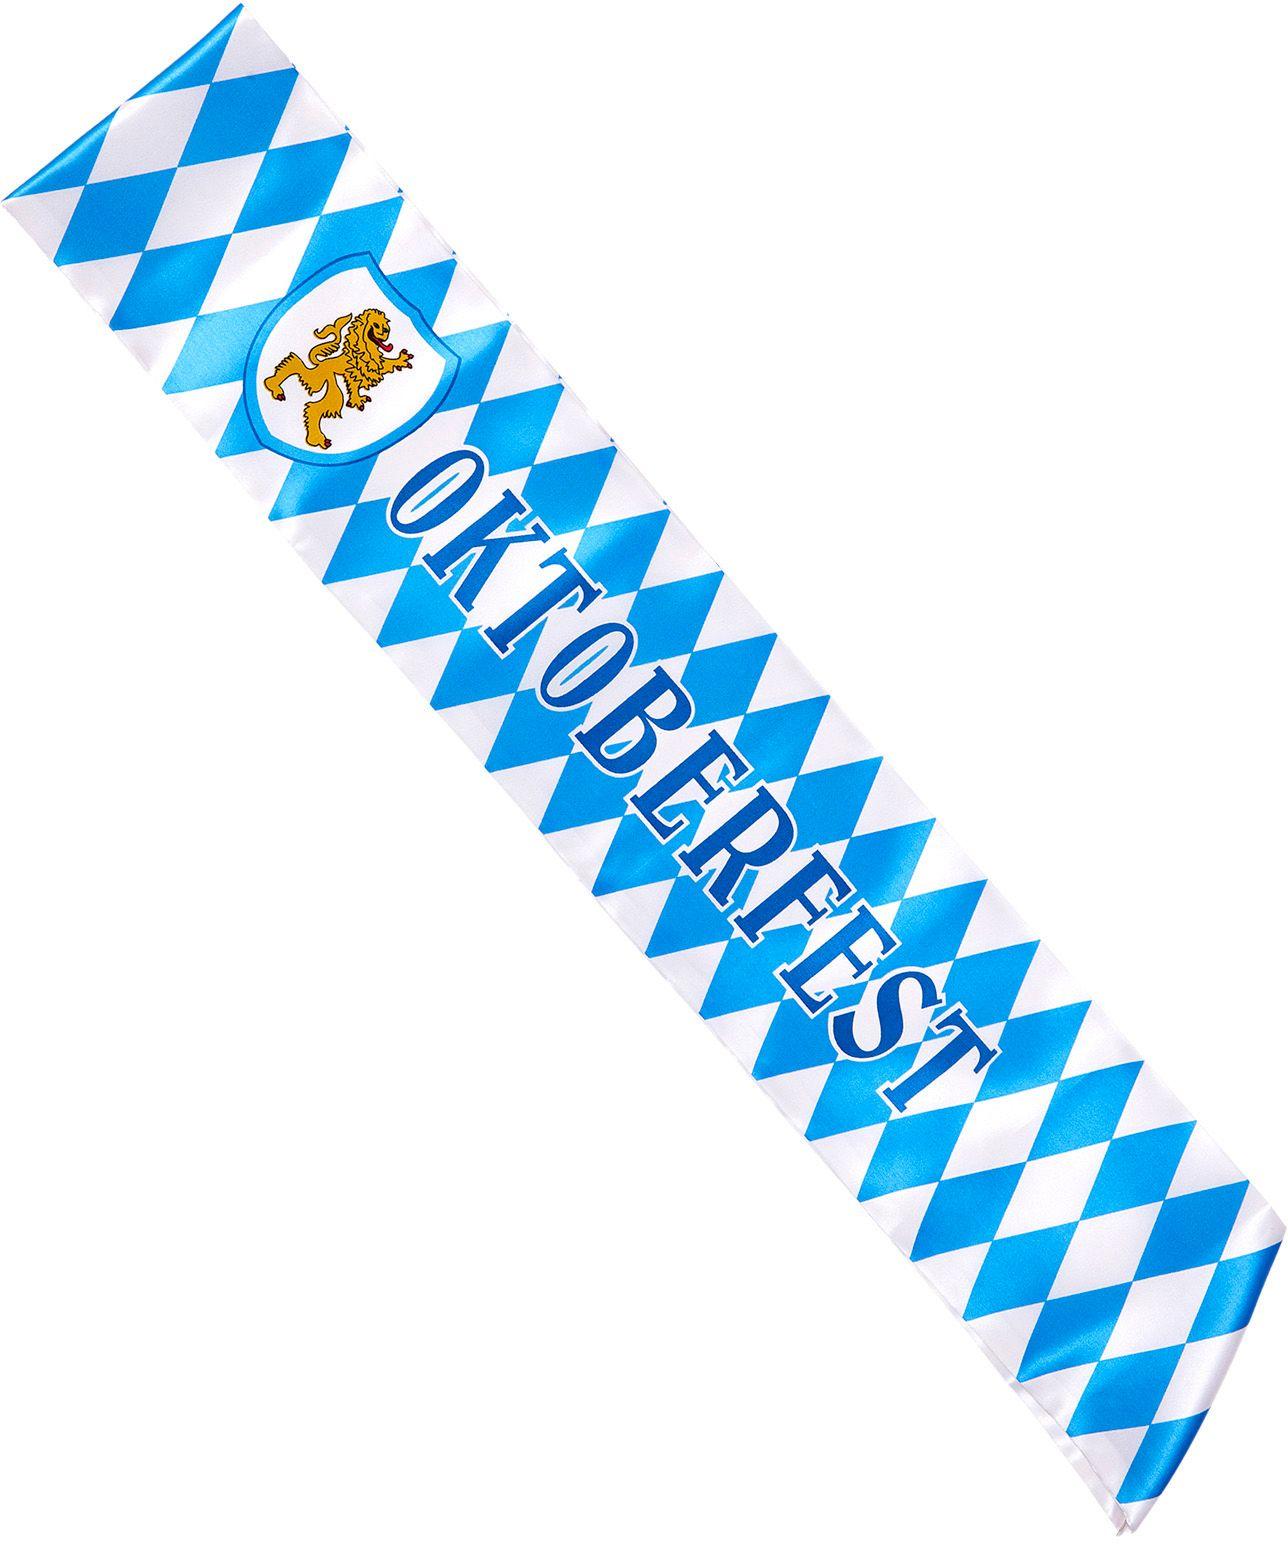 Beierse oktoberfest sjerp